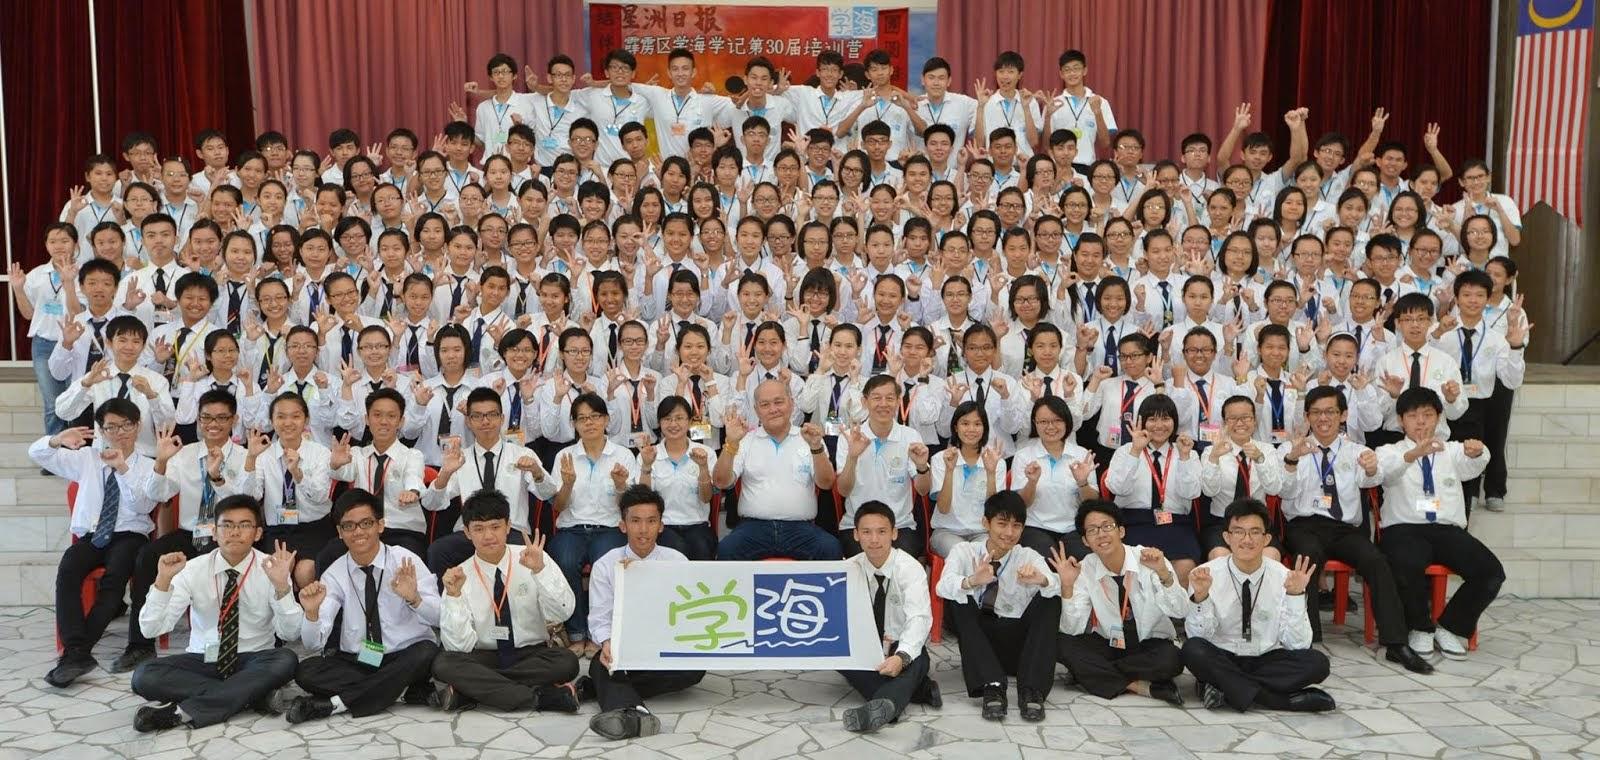 30屆學海學記培訓營